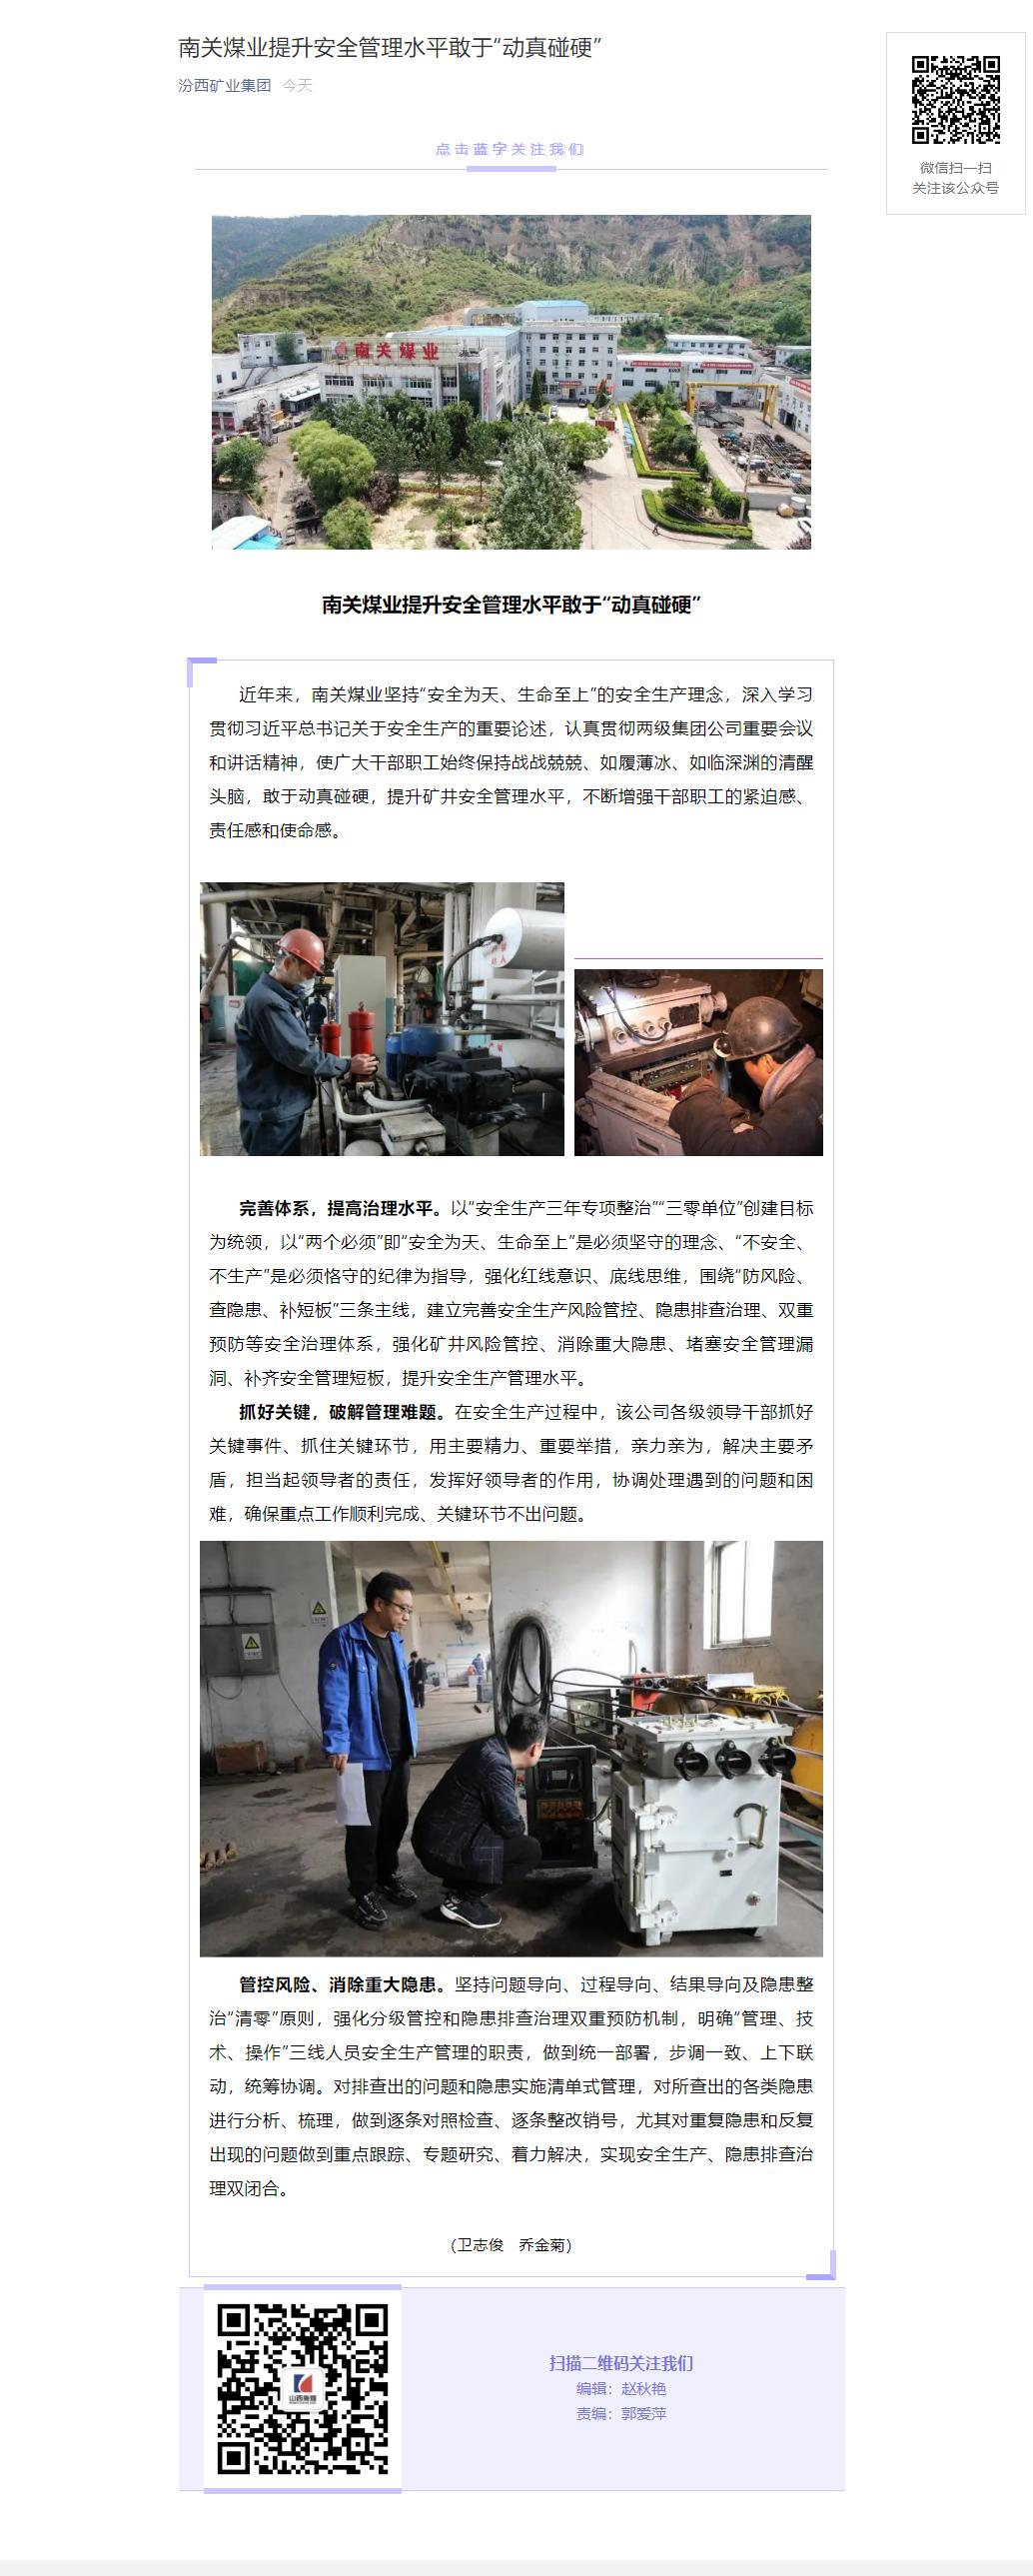 """南关煤业提升安全管理水平敢于""""动真碰硬"""".png"""